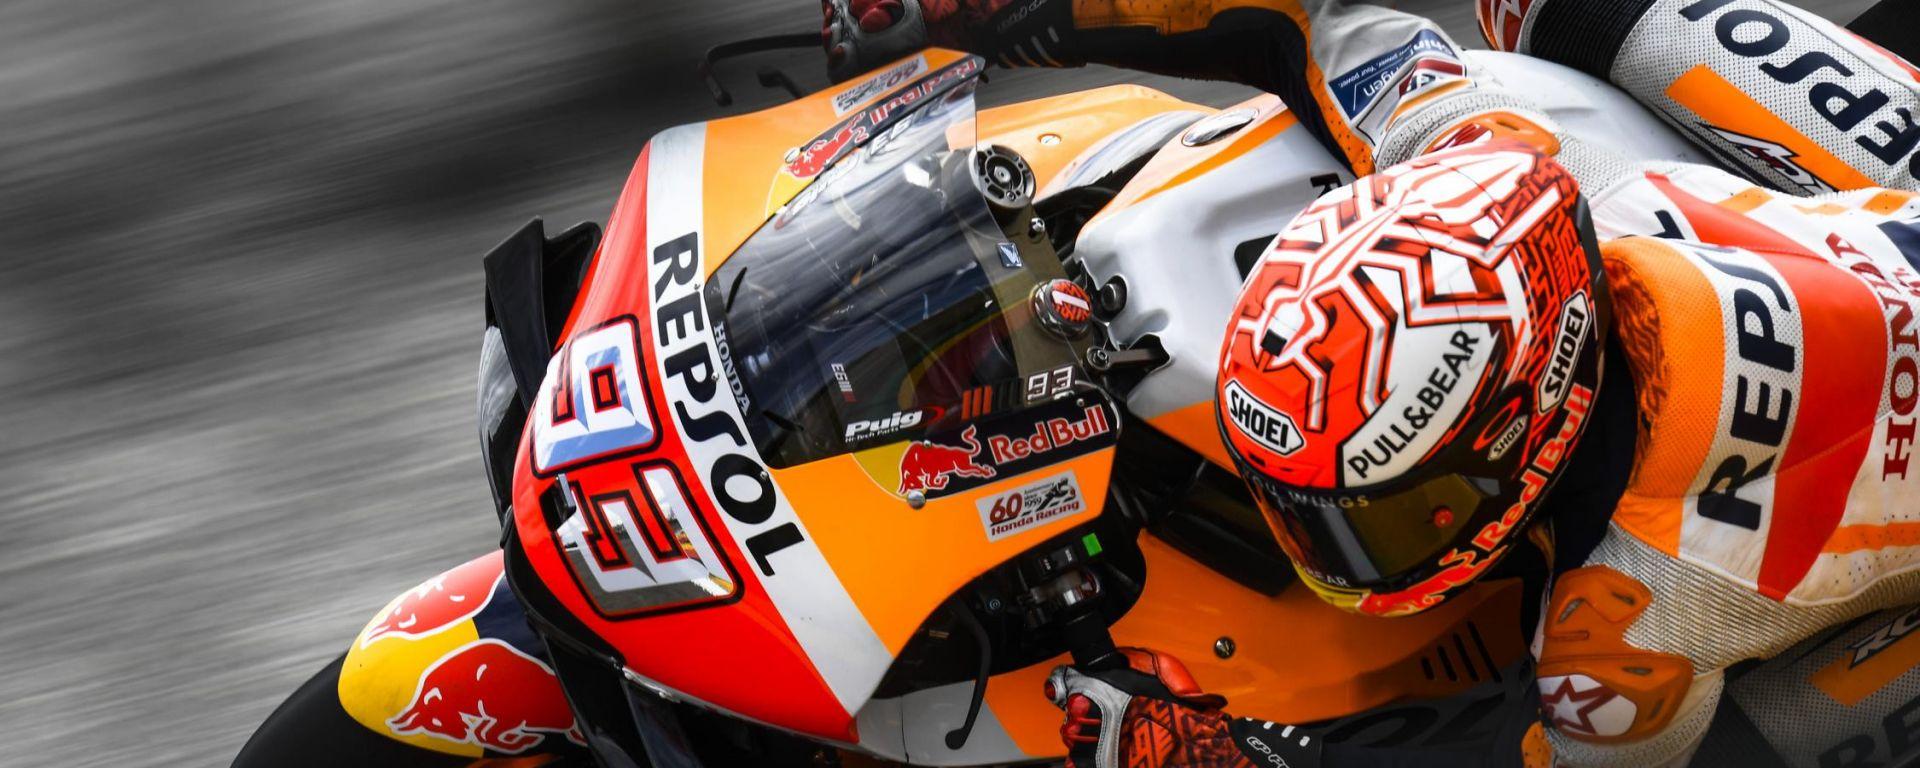 Marc Marquez (Repsol Honda) in pista al Sachsenring